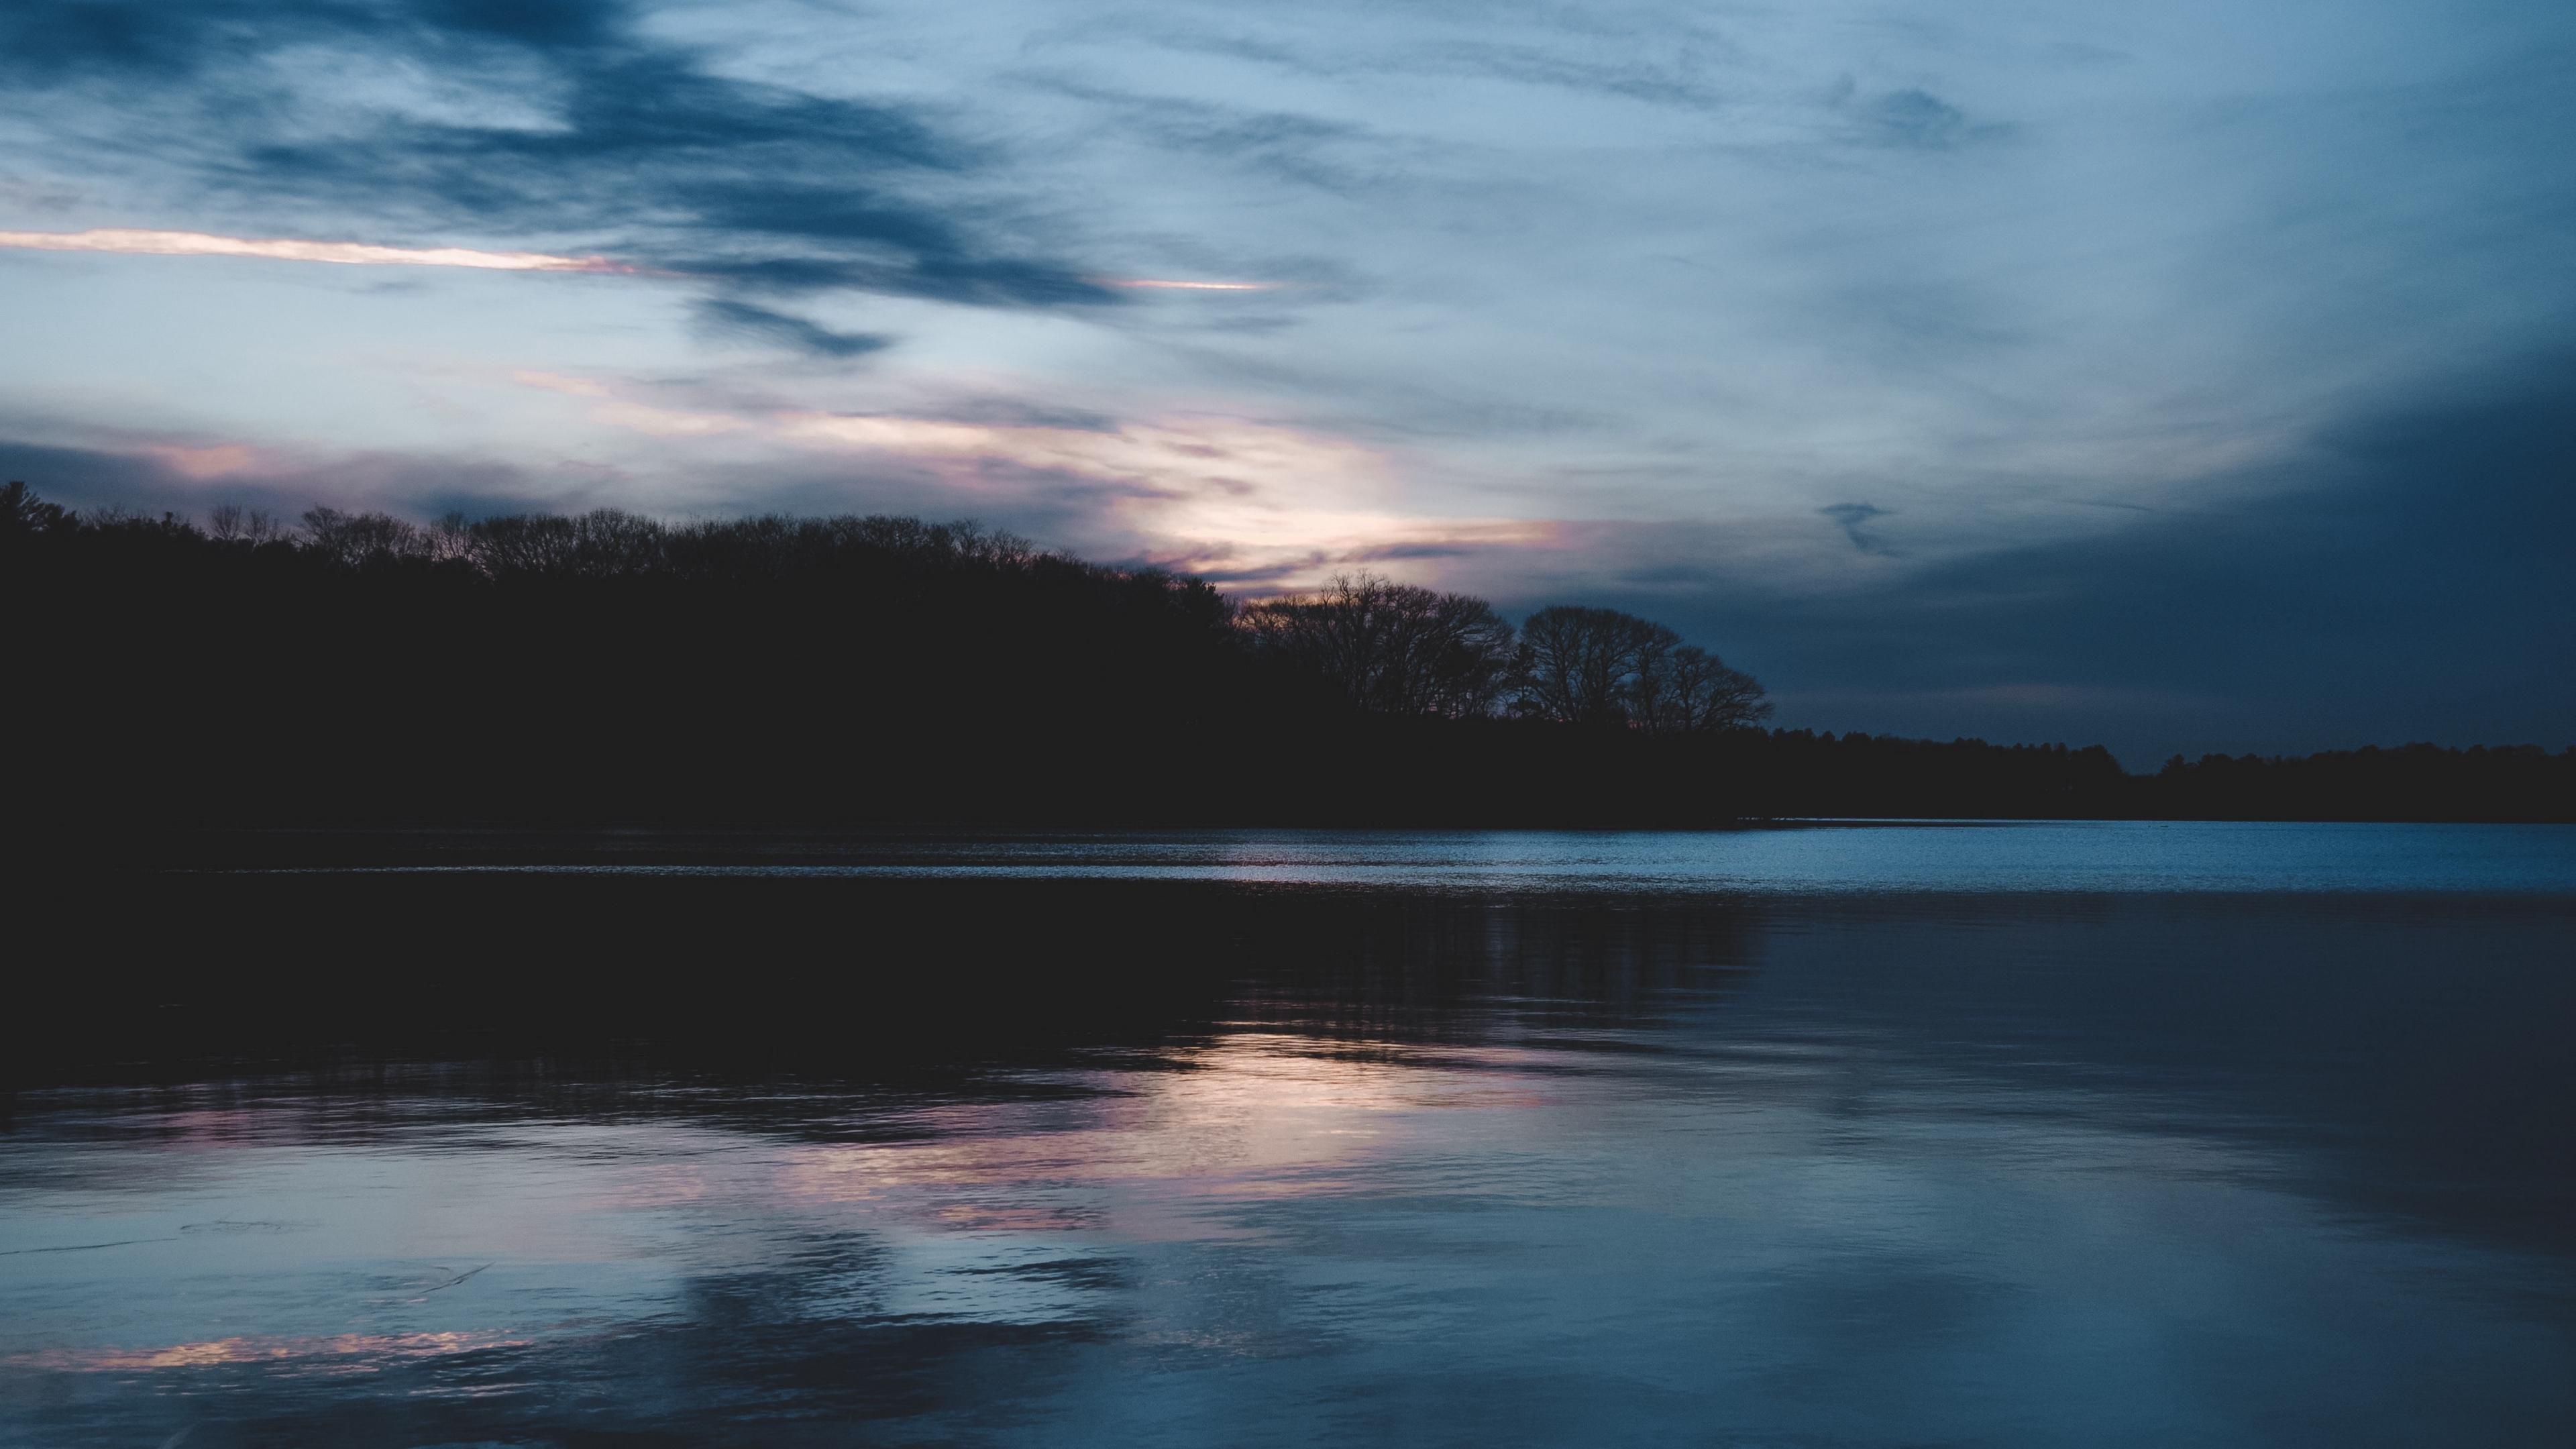 lake horizon evening clouds 4k 1541117454 - lake, horizon, evening, clouds 4k - Lake, Horizon, Evening